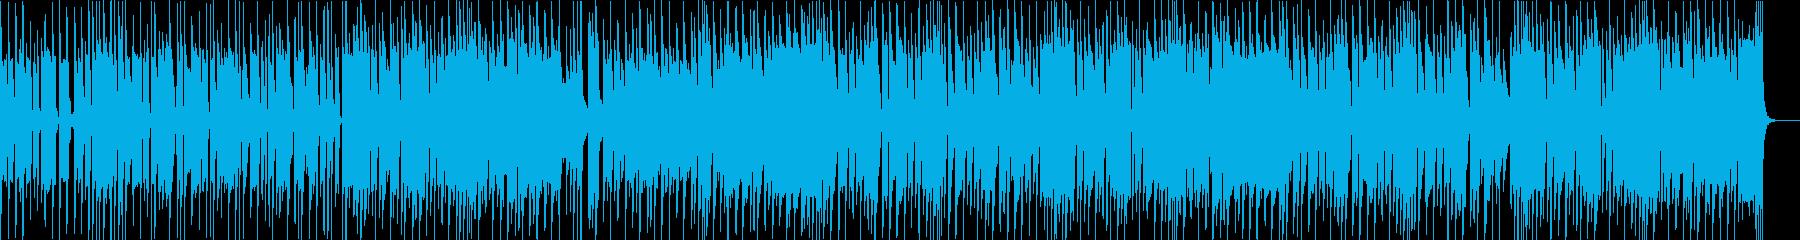 期待を感じさせるリズムポップロックの再生済みの波形